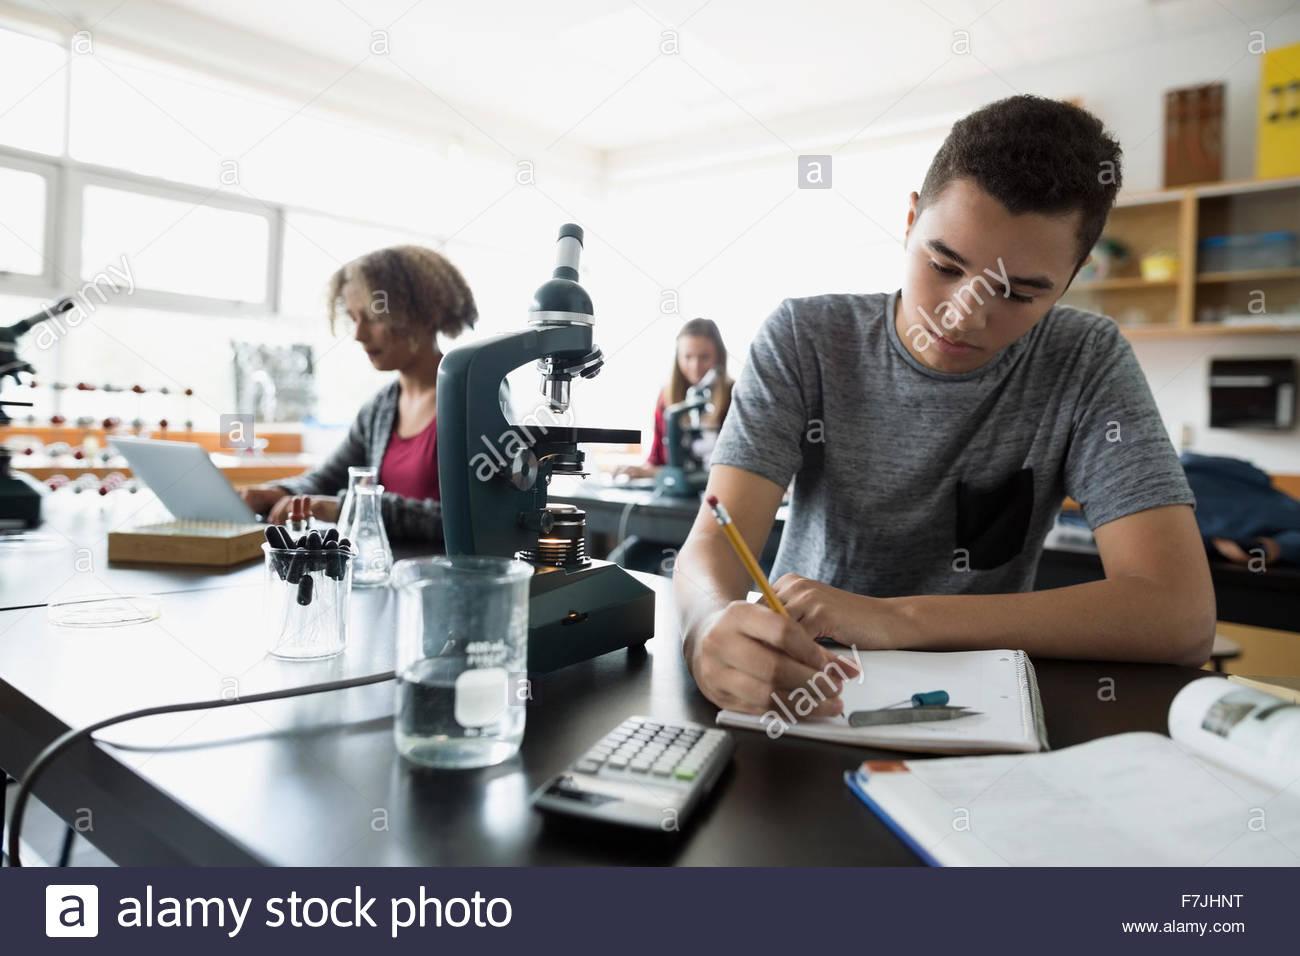 Studente di scuola superiore prendendo appunti science laboratory classroom Immagini Stock